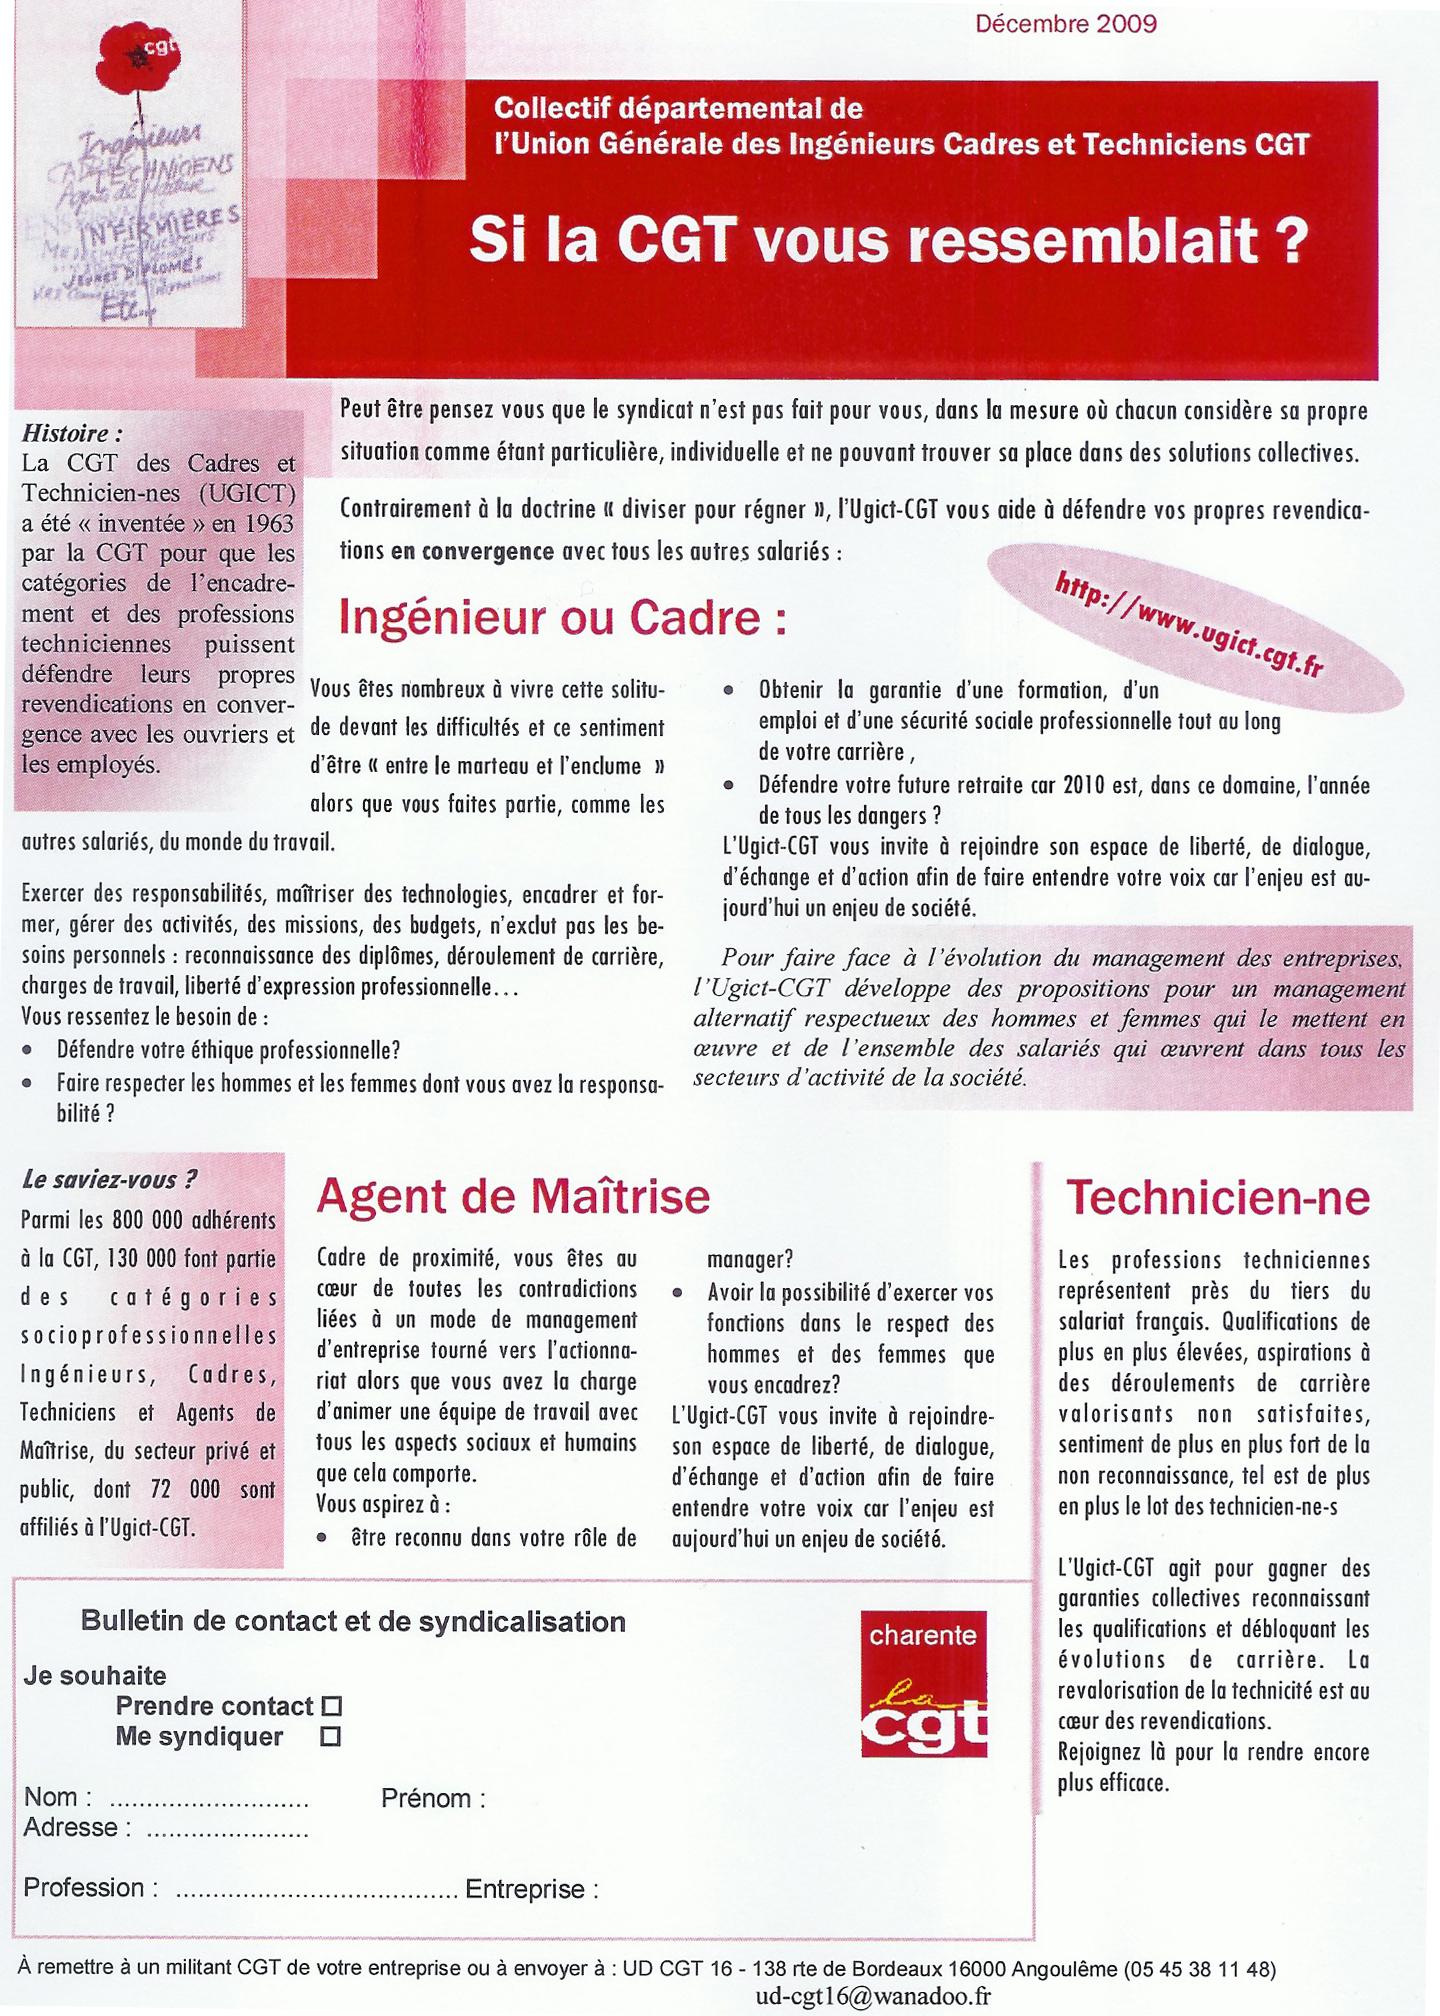 http://nsm03.casimages.com/img/2010/03/17/100317050756320405644380.jpg